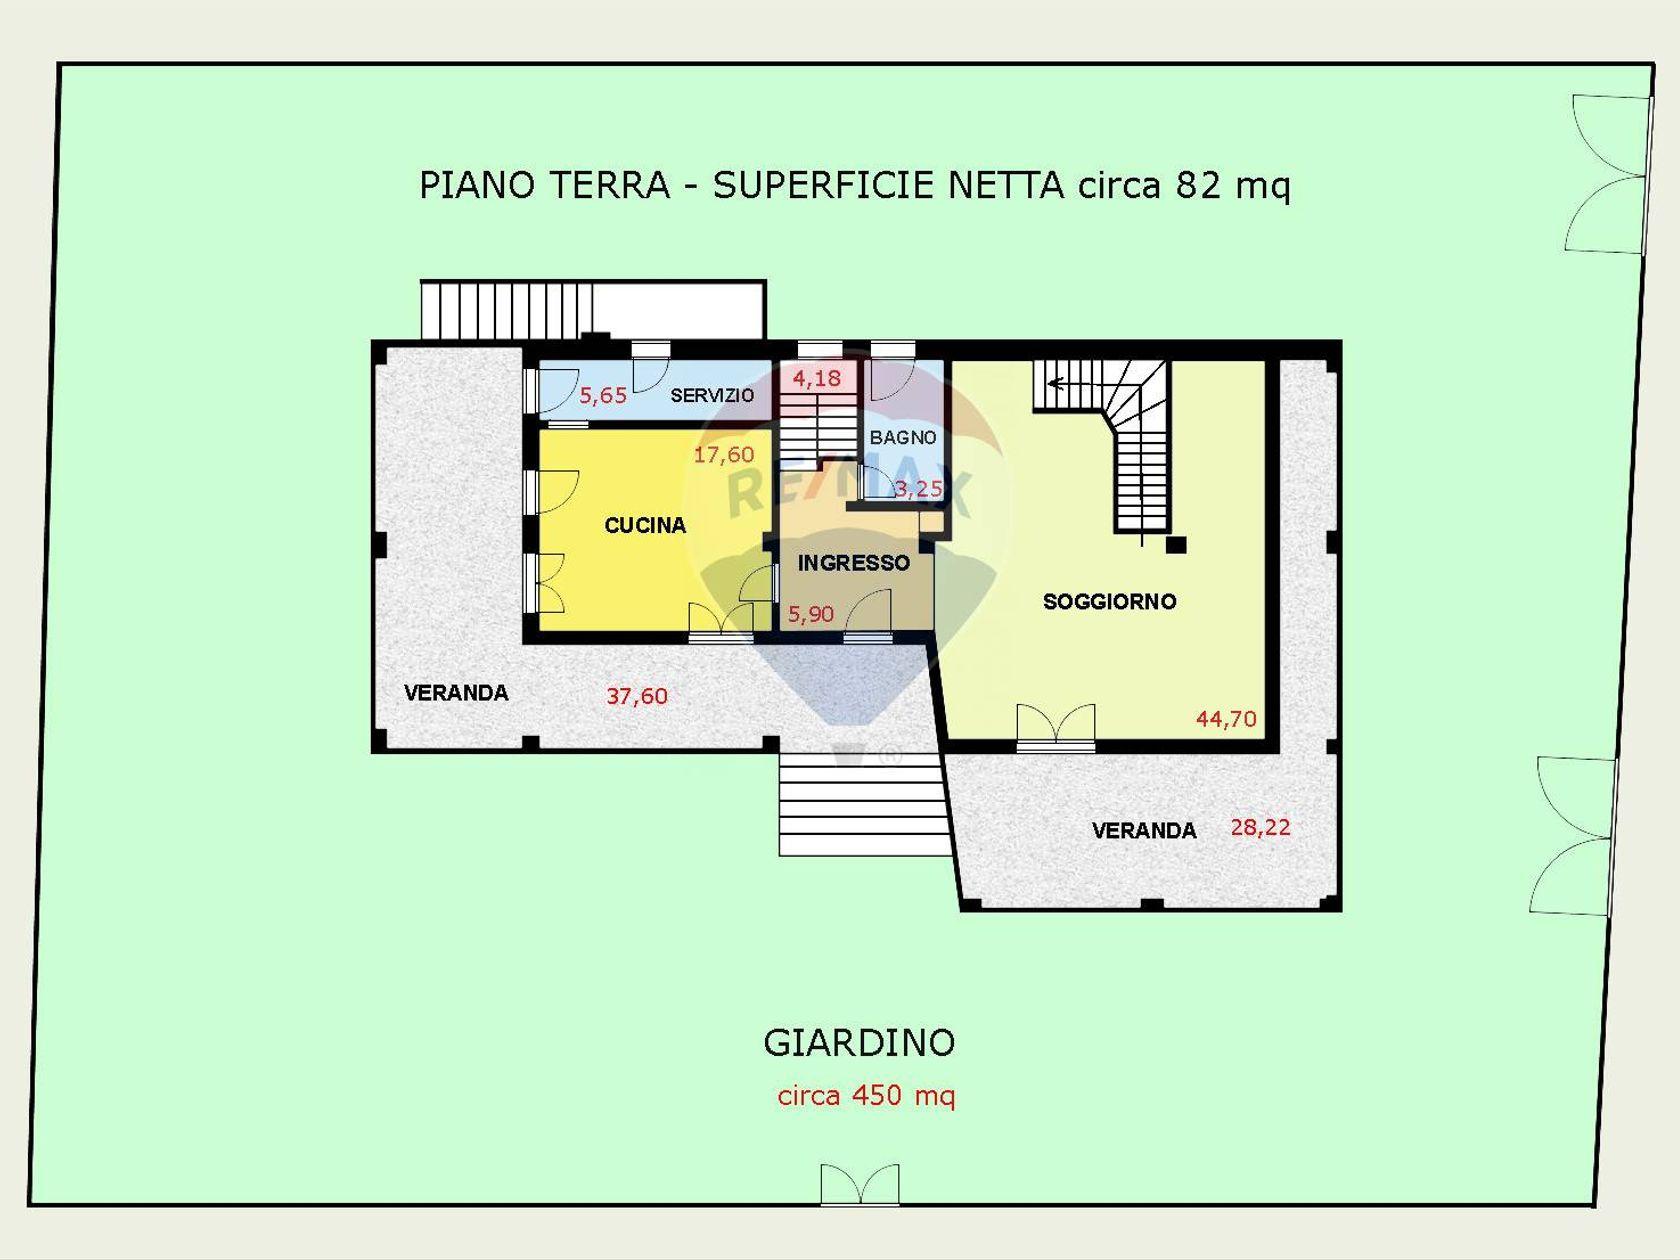 Villa singola Cagliari-quartiere Europeo, Cagliari, CA Vendita - Planimetria 1